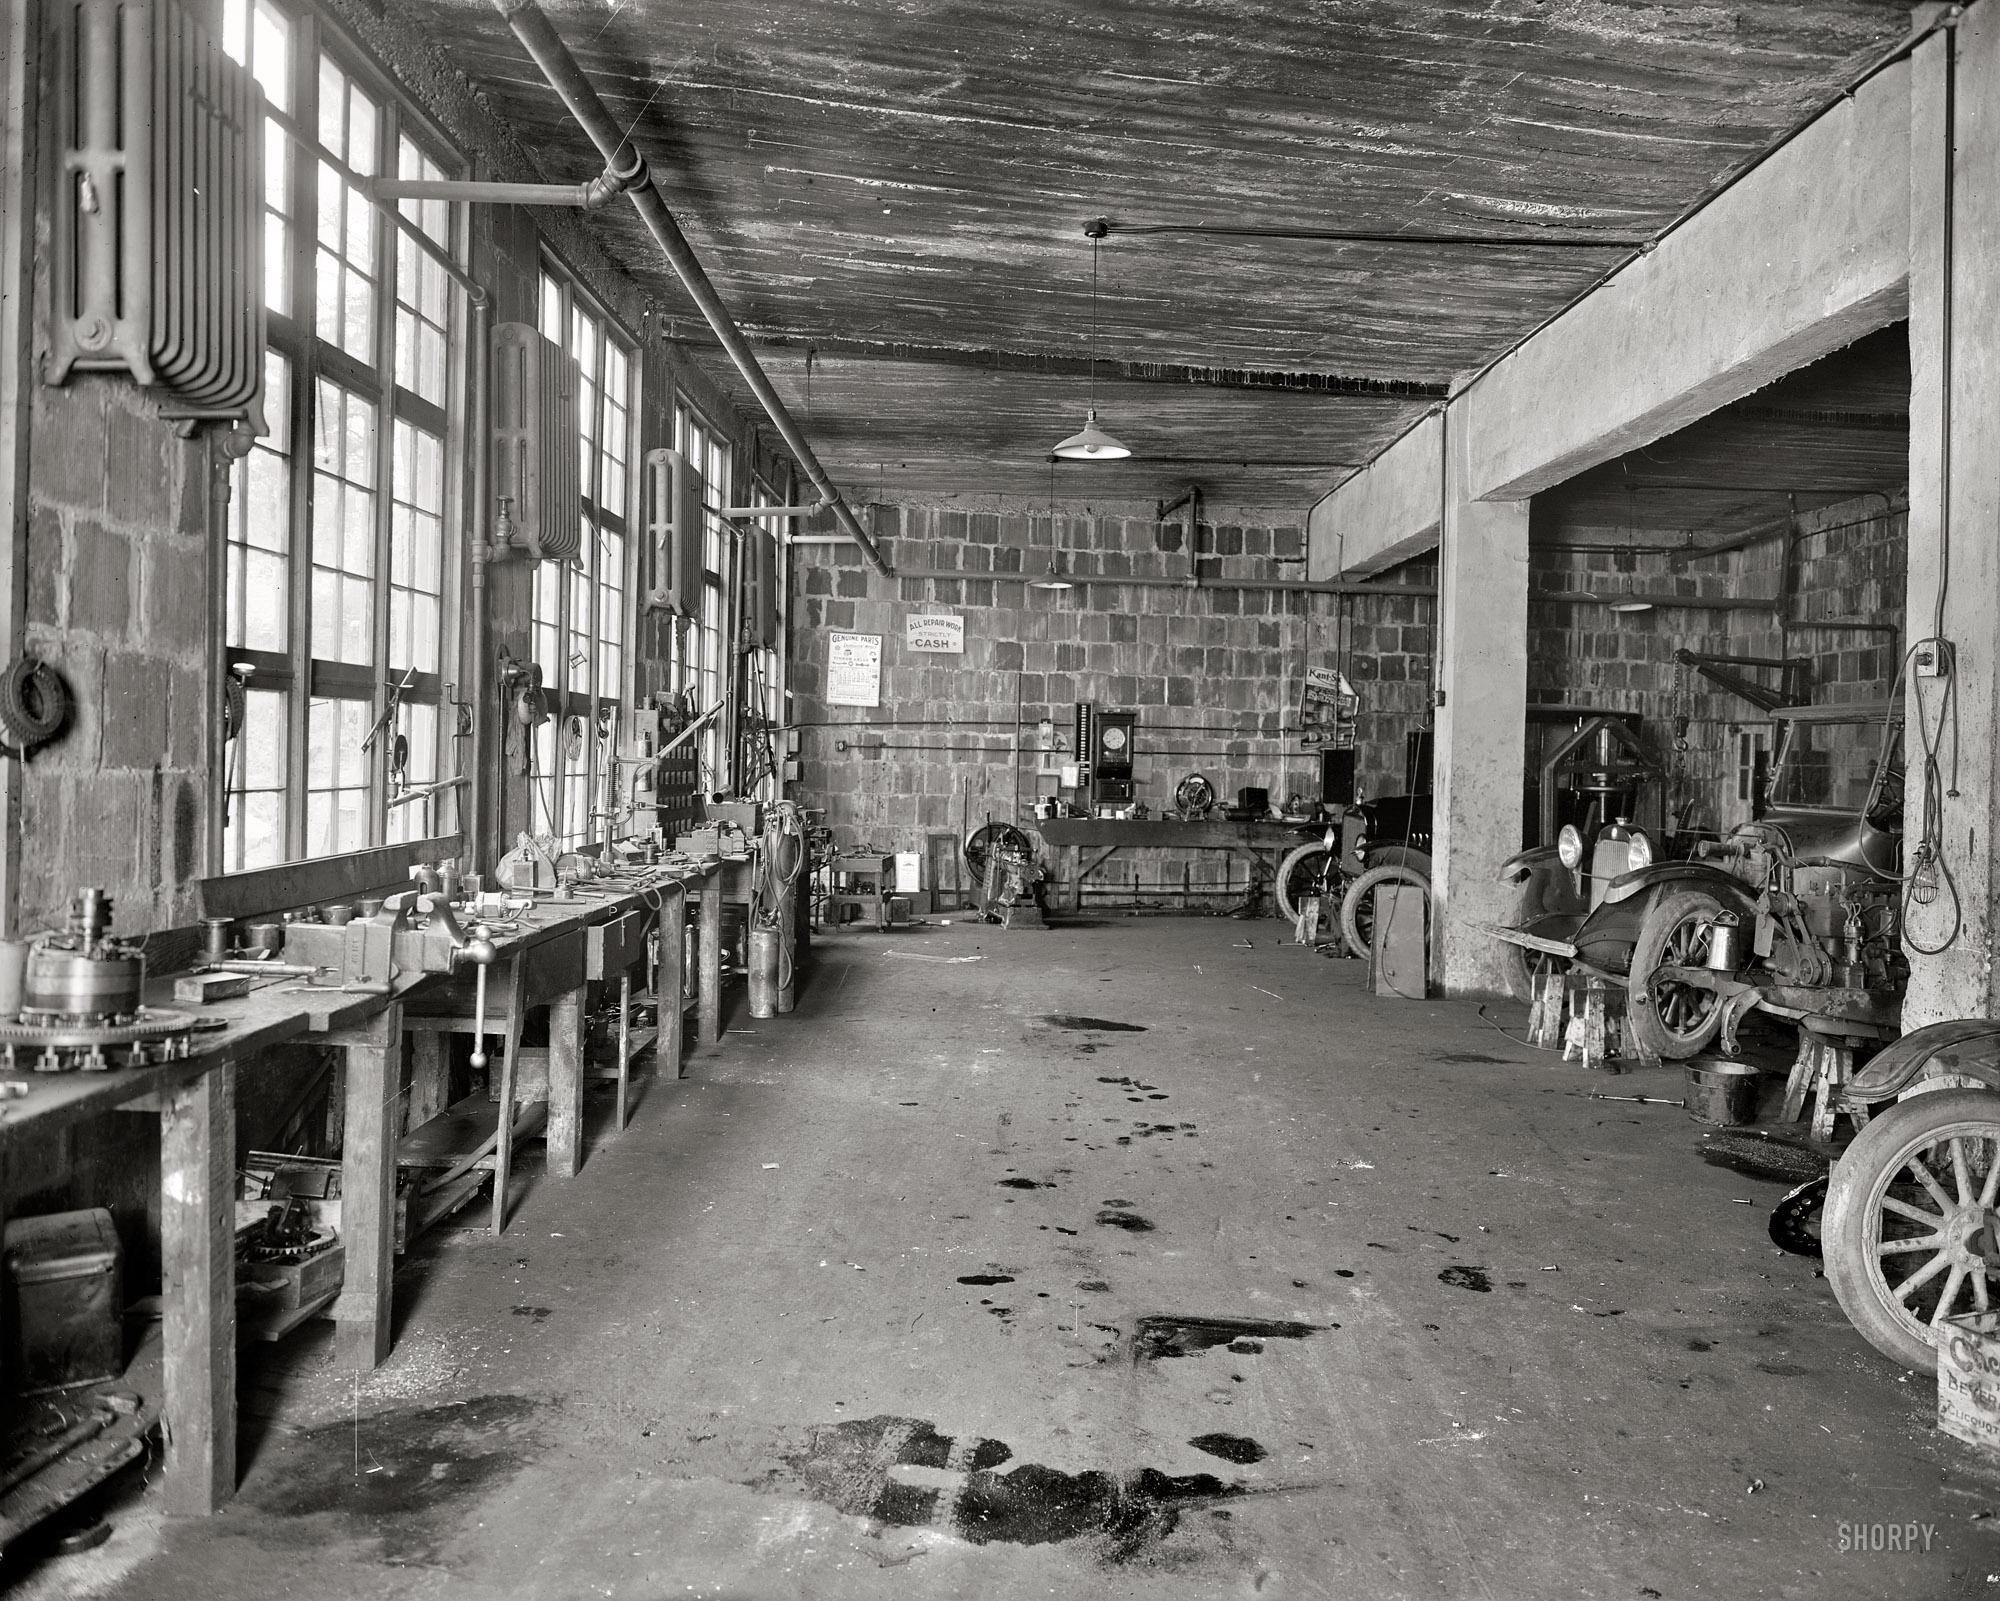 Hendrick_Garage_1928